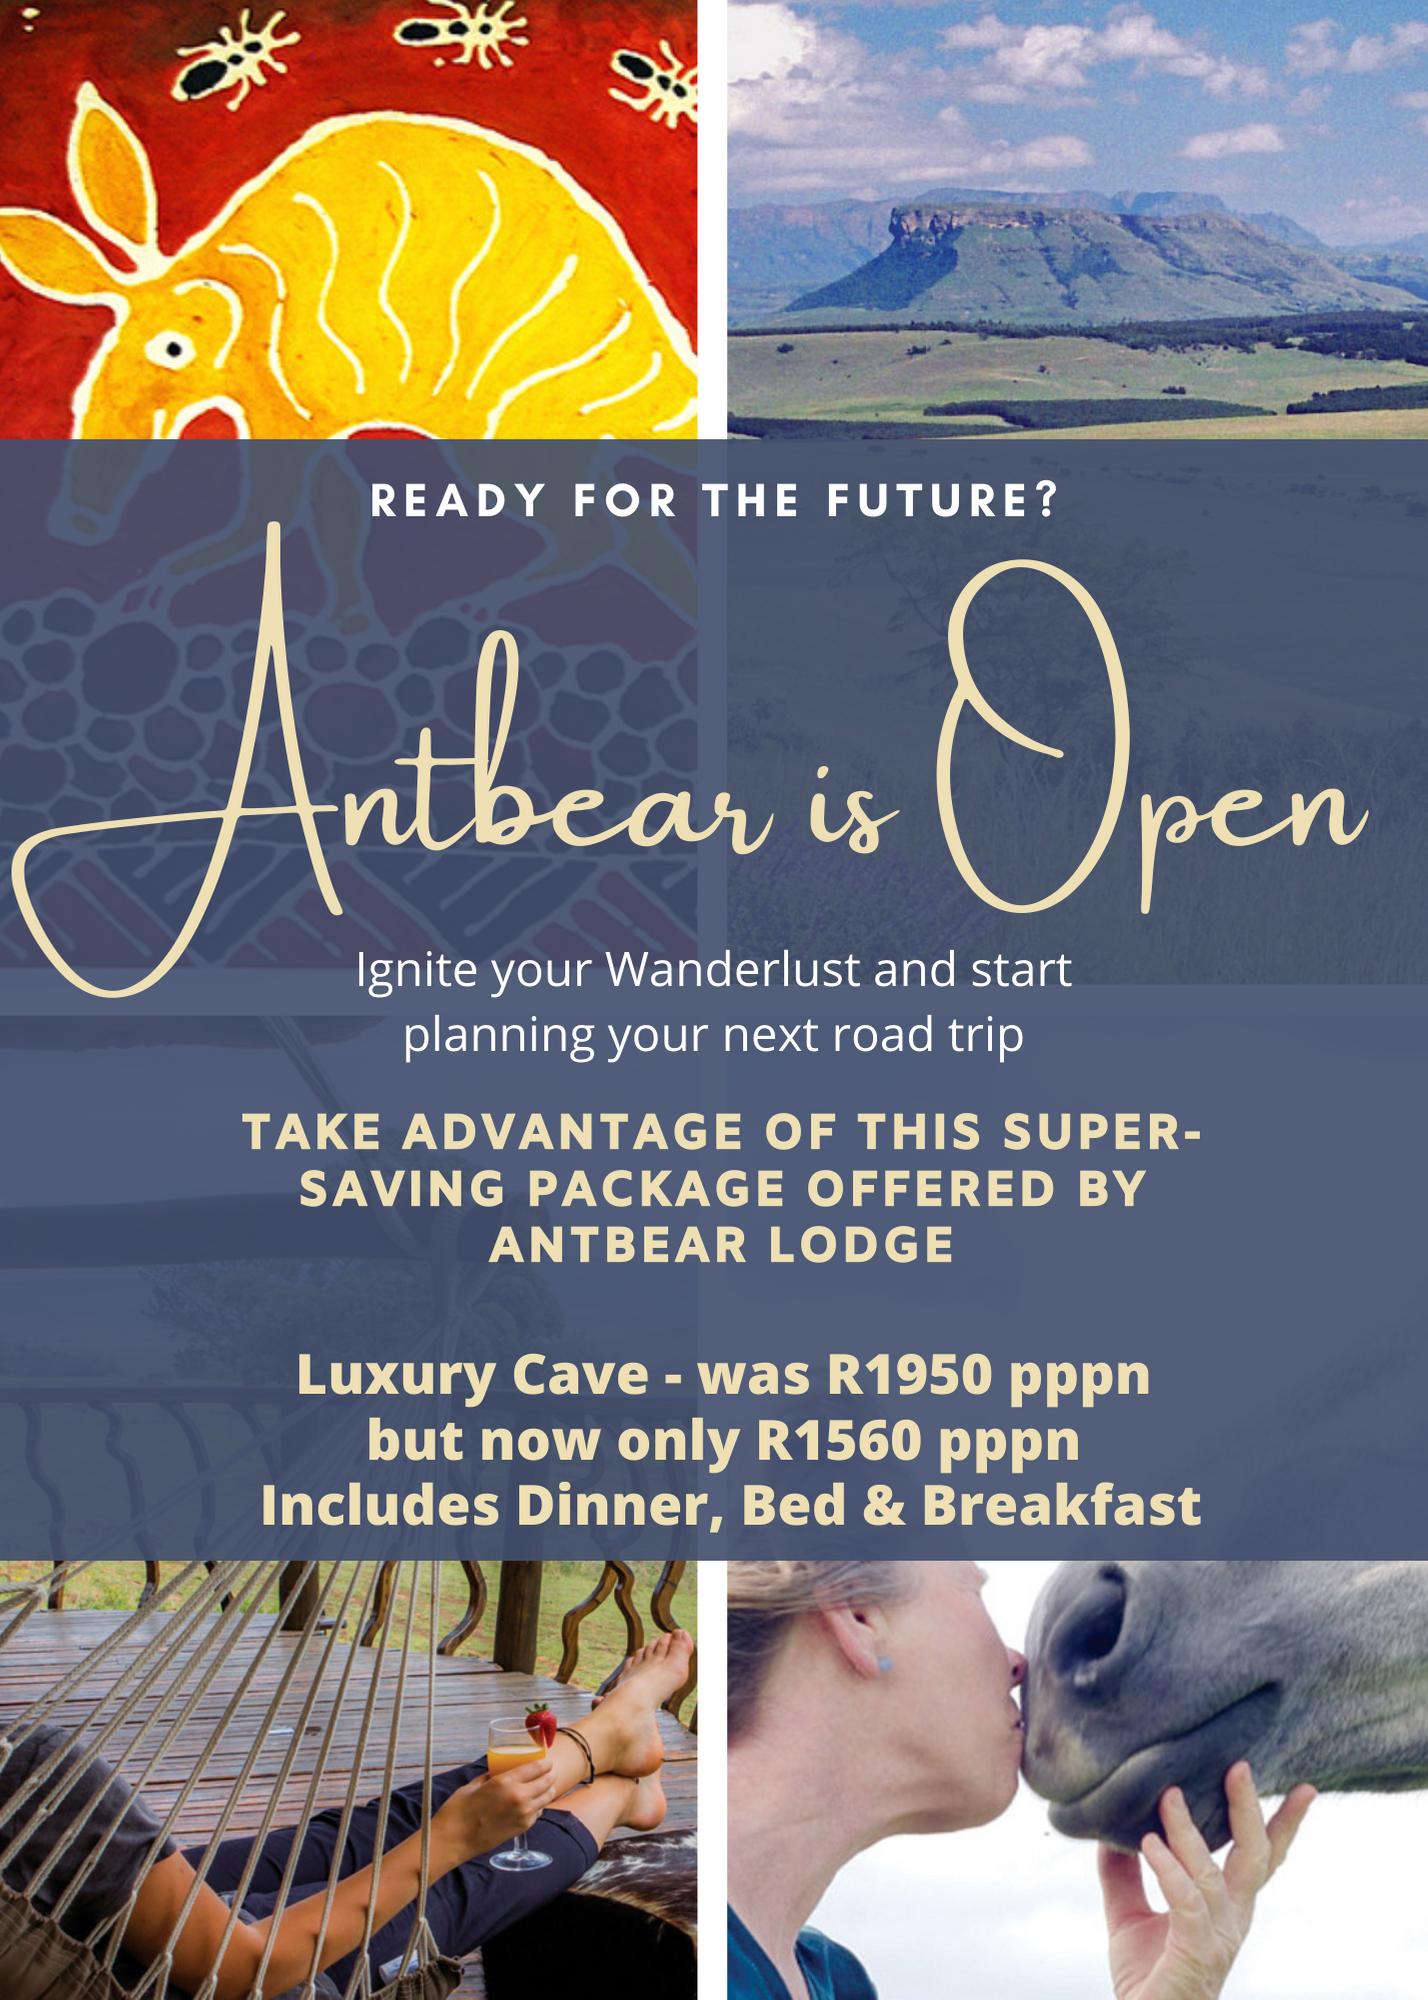 Antbear Lodge - Estcourt - Drakensberg